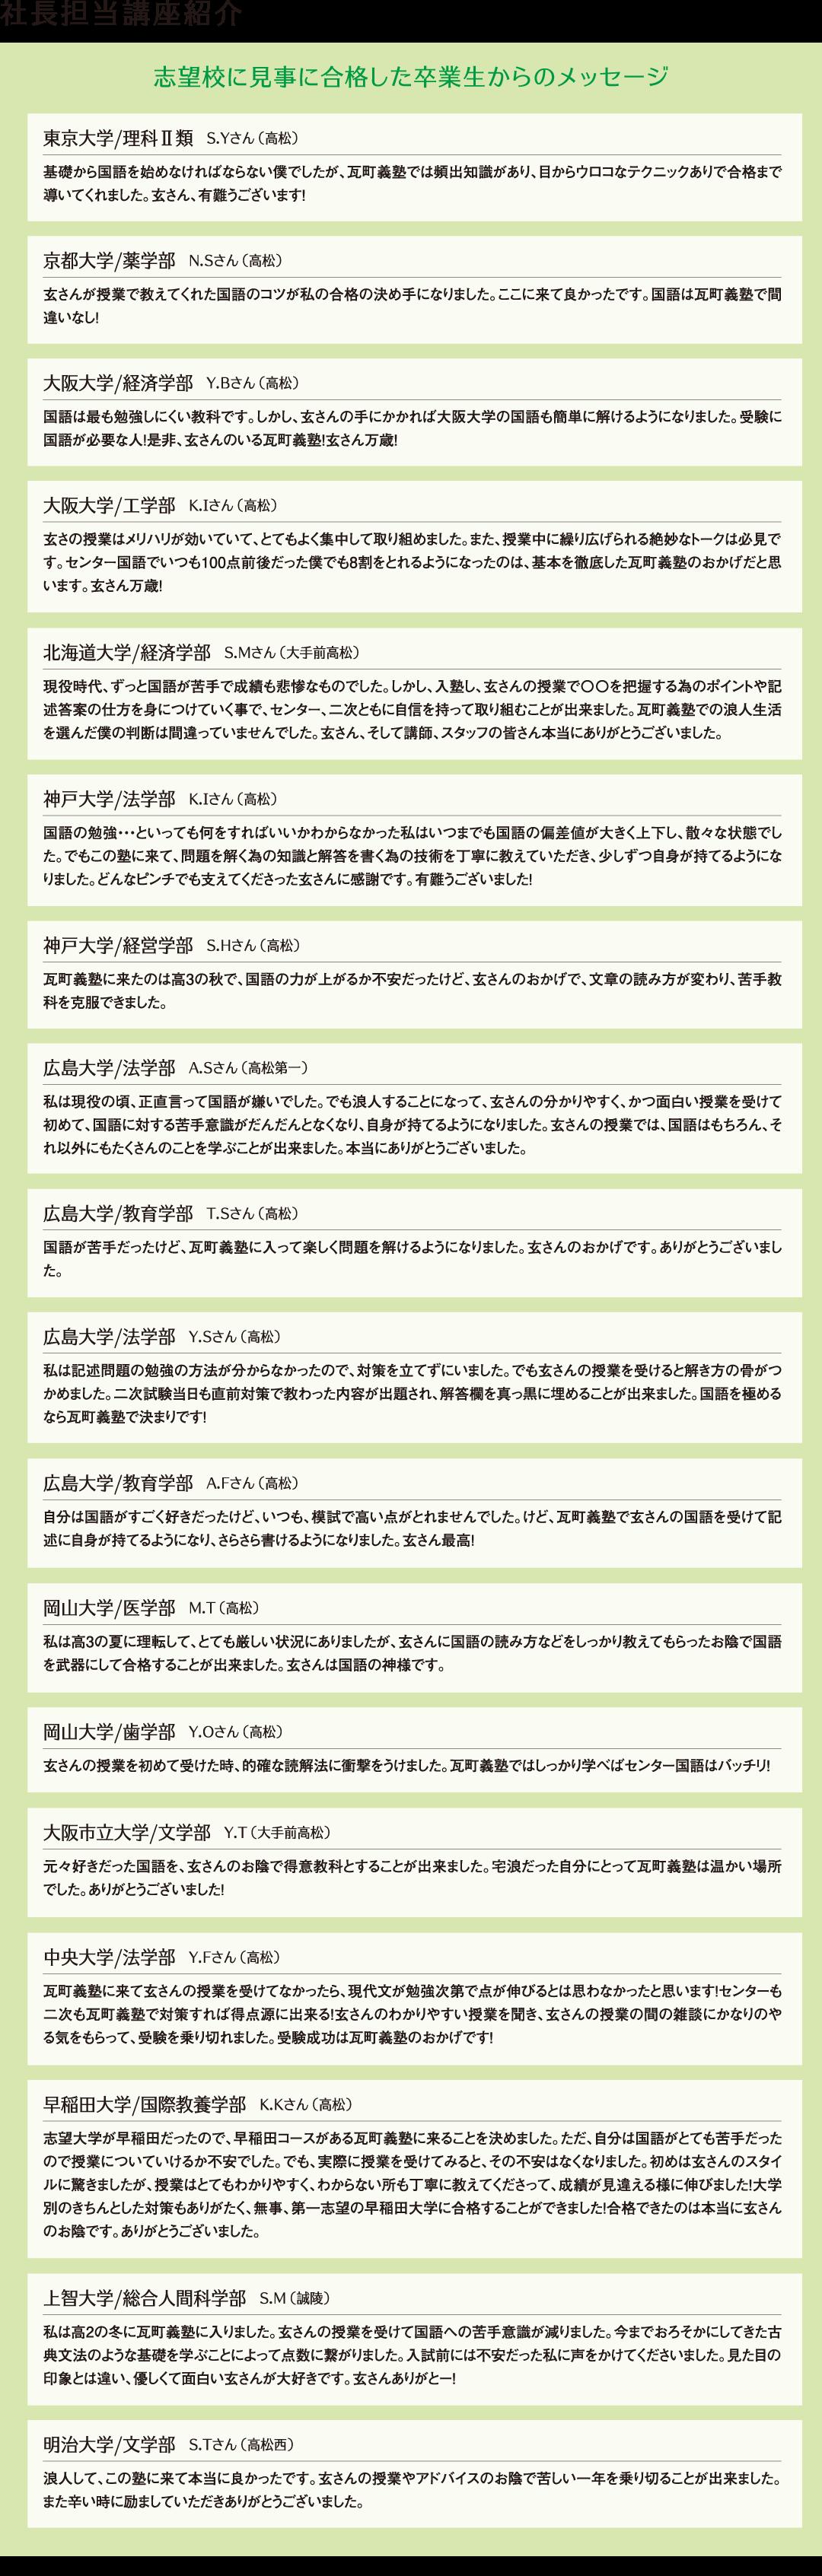 社長講座紹介>合格した卒業生からのメッセージ みやび国語塾の社長自ら教鞭を執る講座は、東京大学、京都大学、早稲田大学、広島大学、岡山大学など有名志望校に合格した先輩たちから高い支持を受けております。